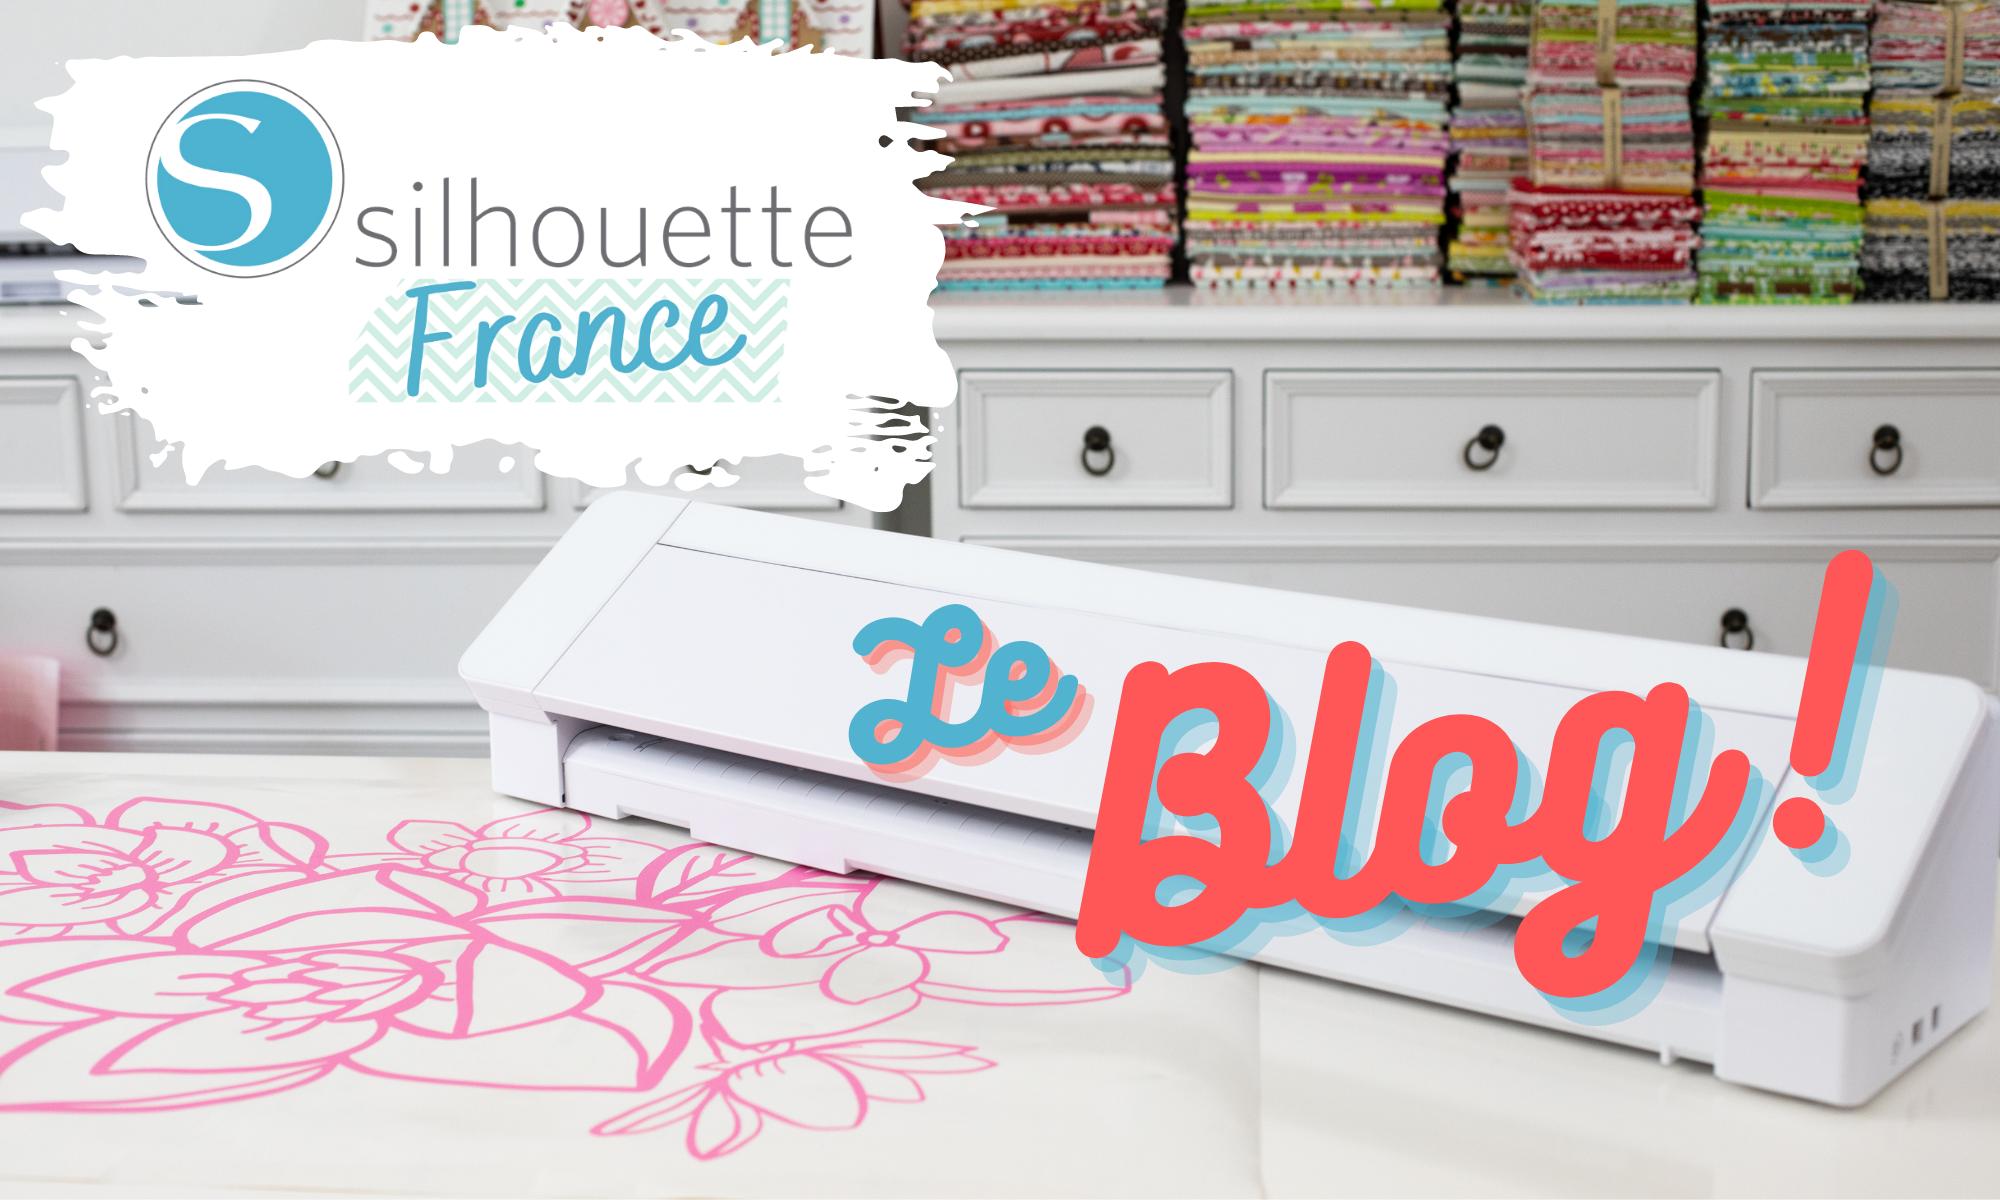 Le Blog Officiel de Silhouette France